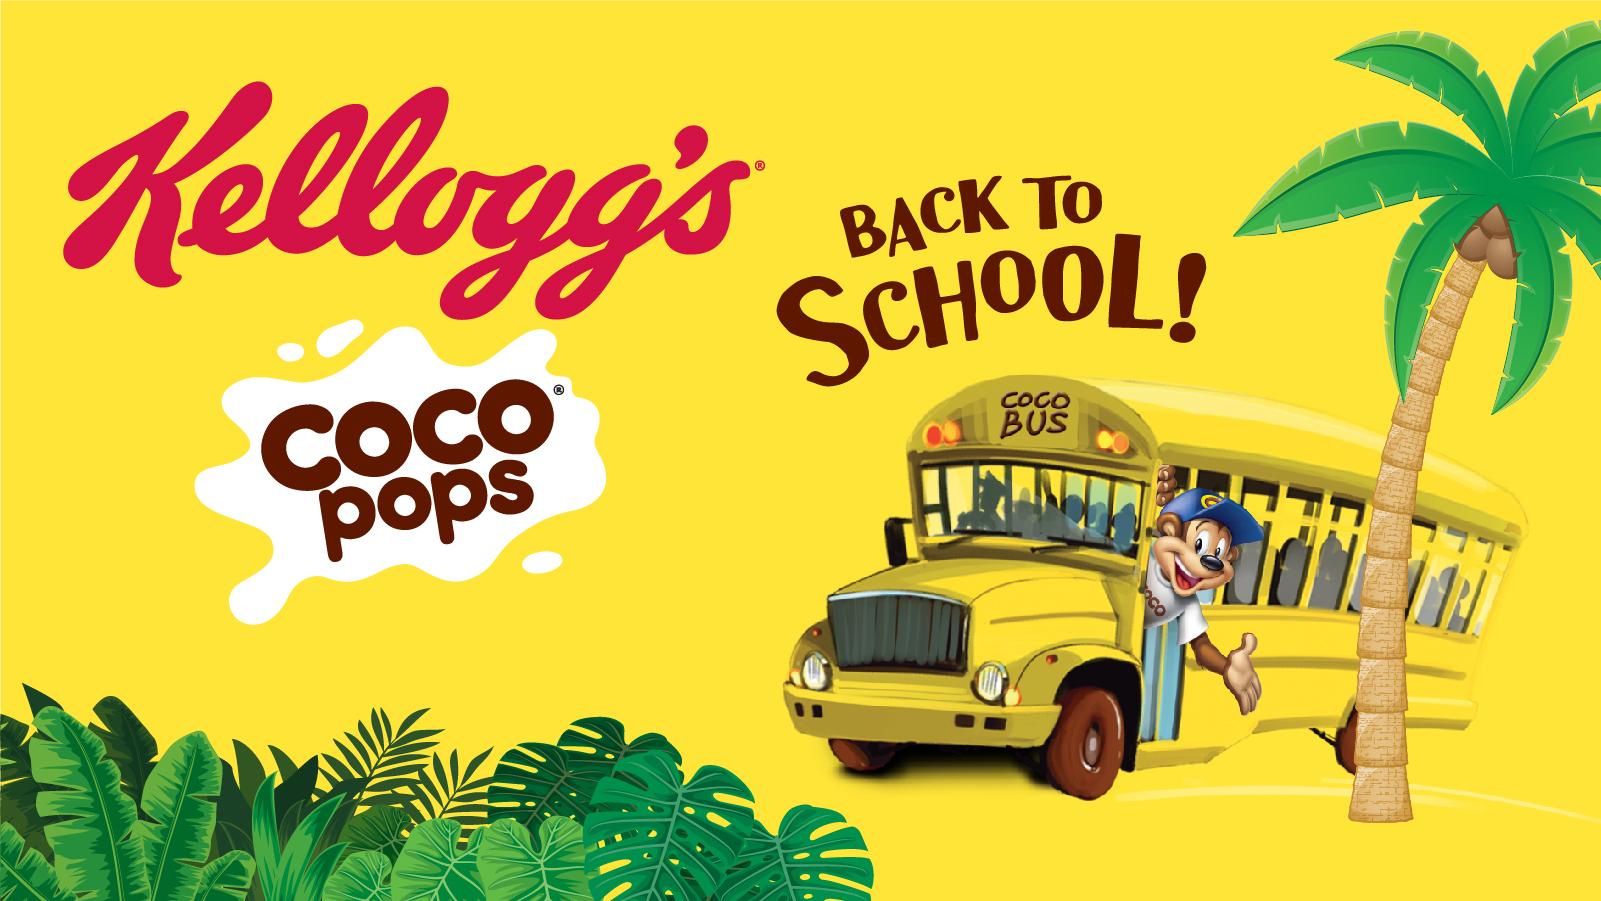 Τα αγαπημένα δημητριακά Kellogg's Coco Pops ευχήθηκαν  «Καλή Σχολική Χρονιά» στους αγαπημένους τους φίλους!